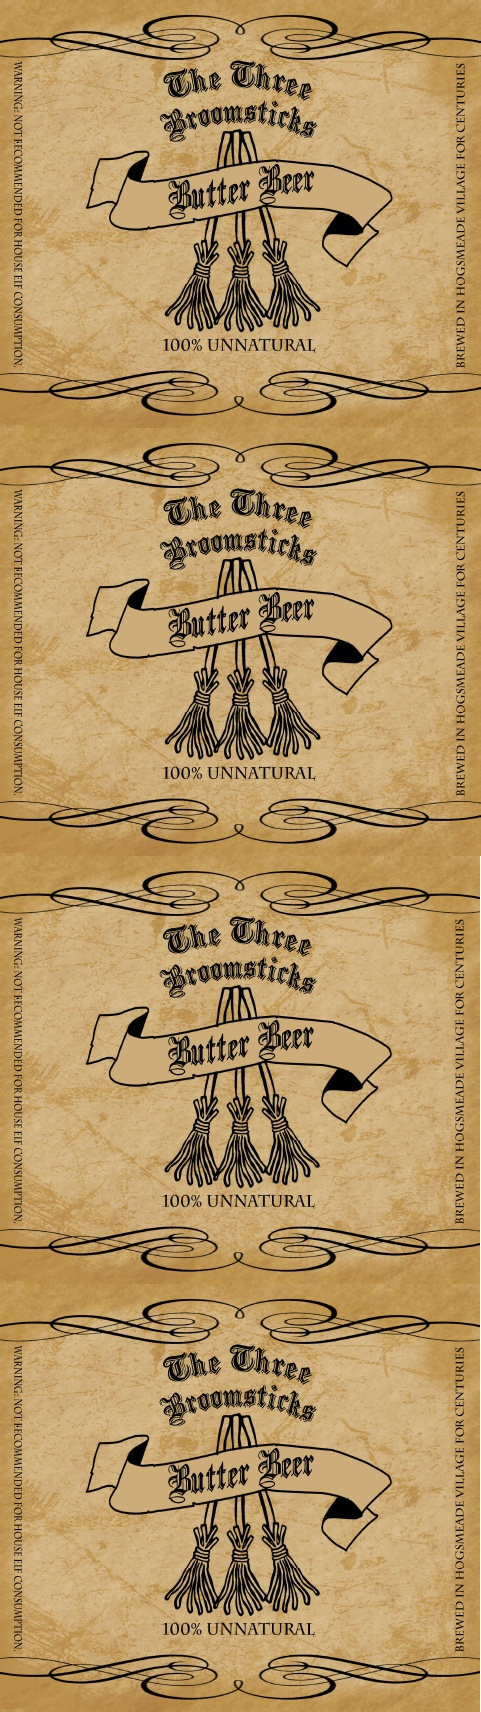 Hog Warts Express Butter Beer Label   Harry Potter - Free Printable Butterbeer Labels